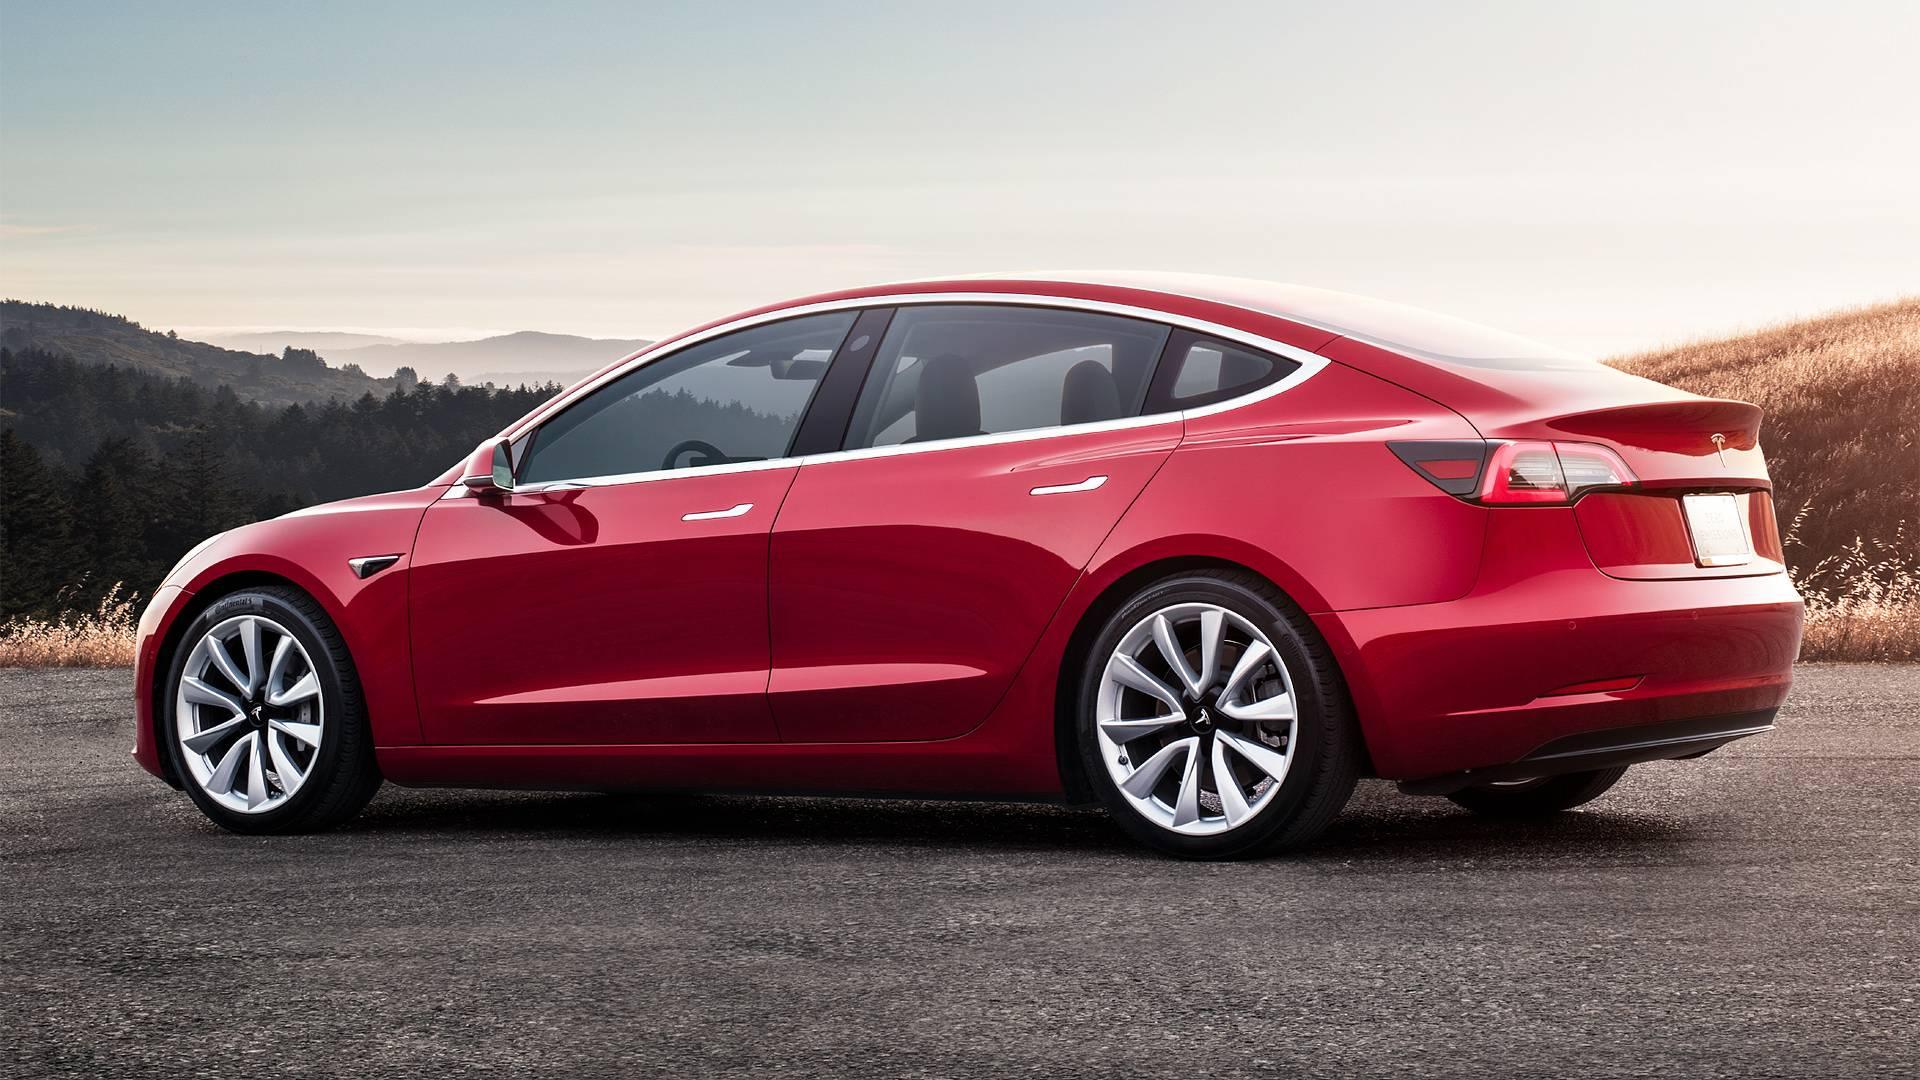 Сколько автомобилей Тесла доставит во втором квартале 2020 года?  Прогнозы смотрят вверх